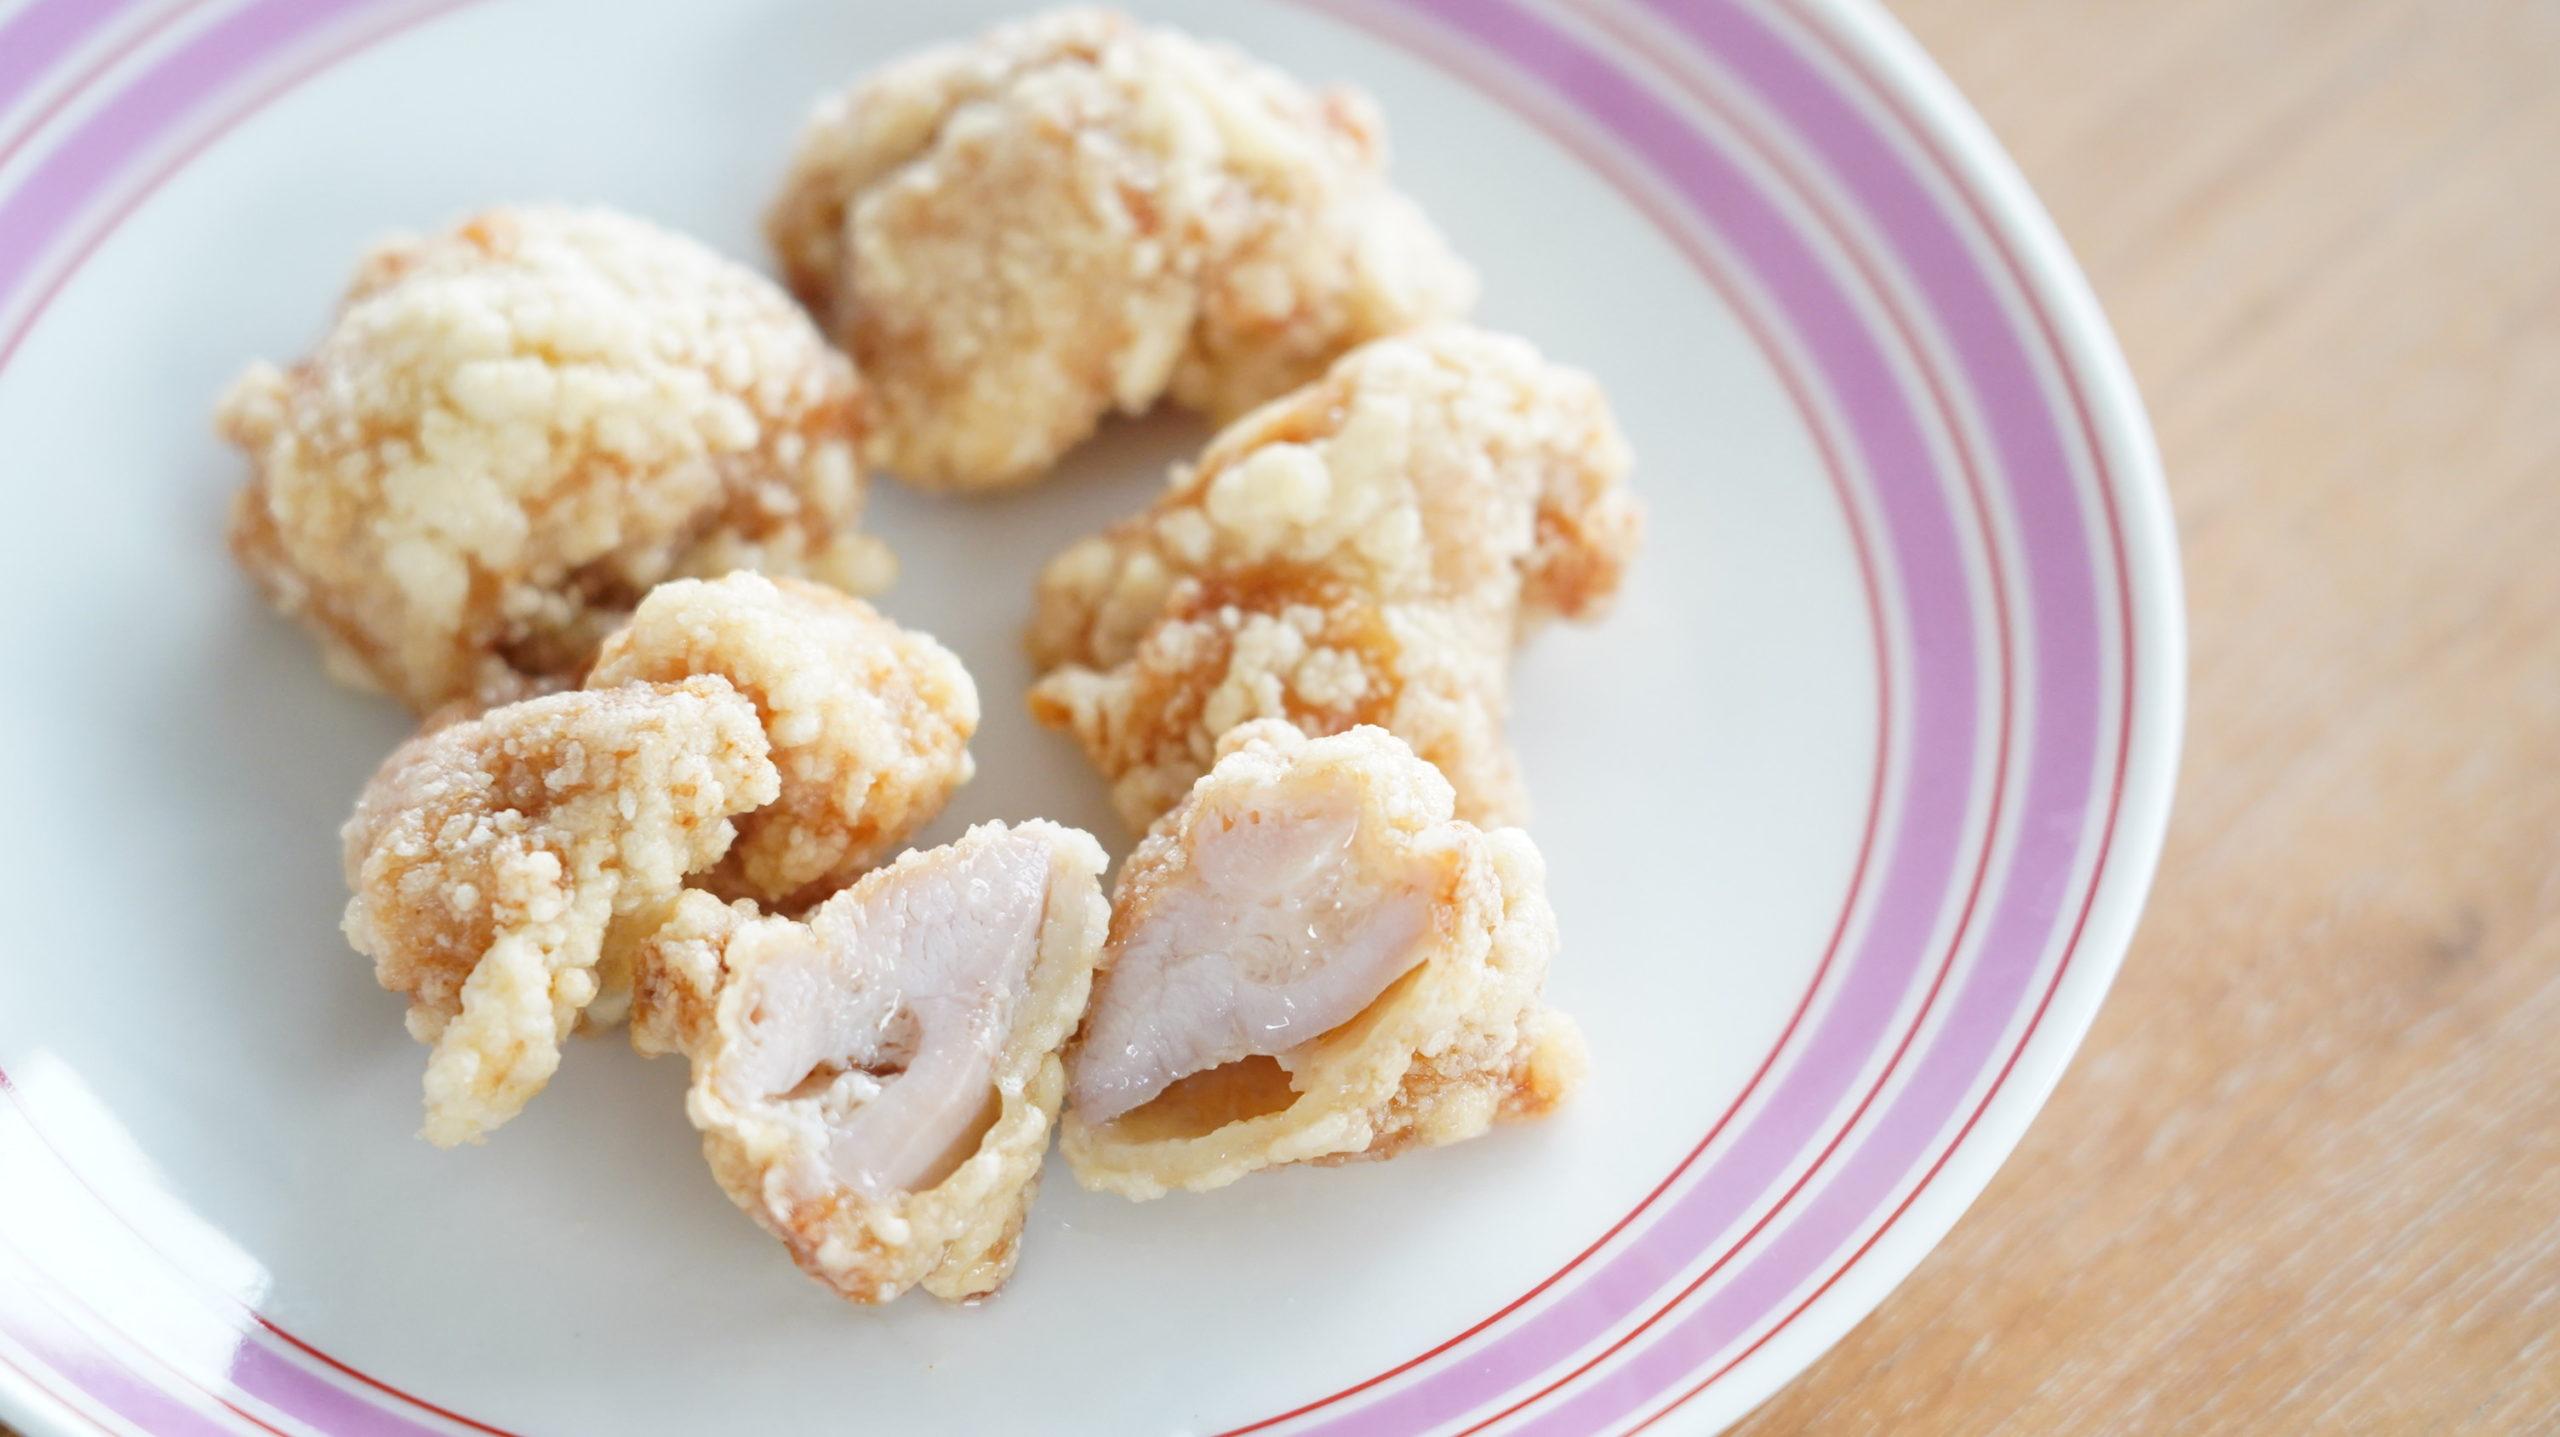 コストコの冷凍食品「CP 若鶏の竜田揚げ」のクローズアップ写真